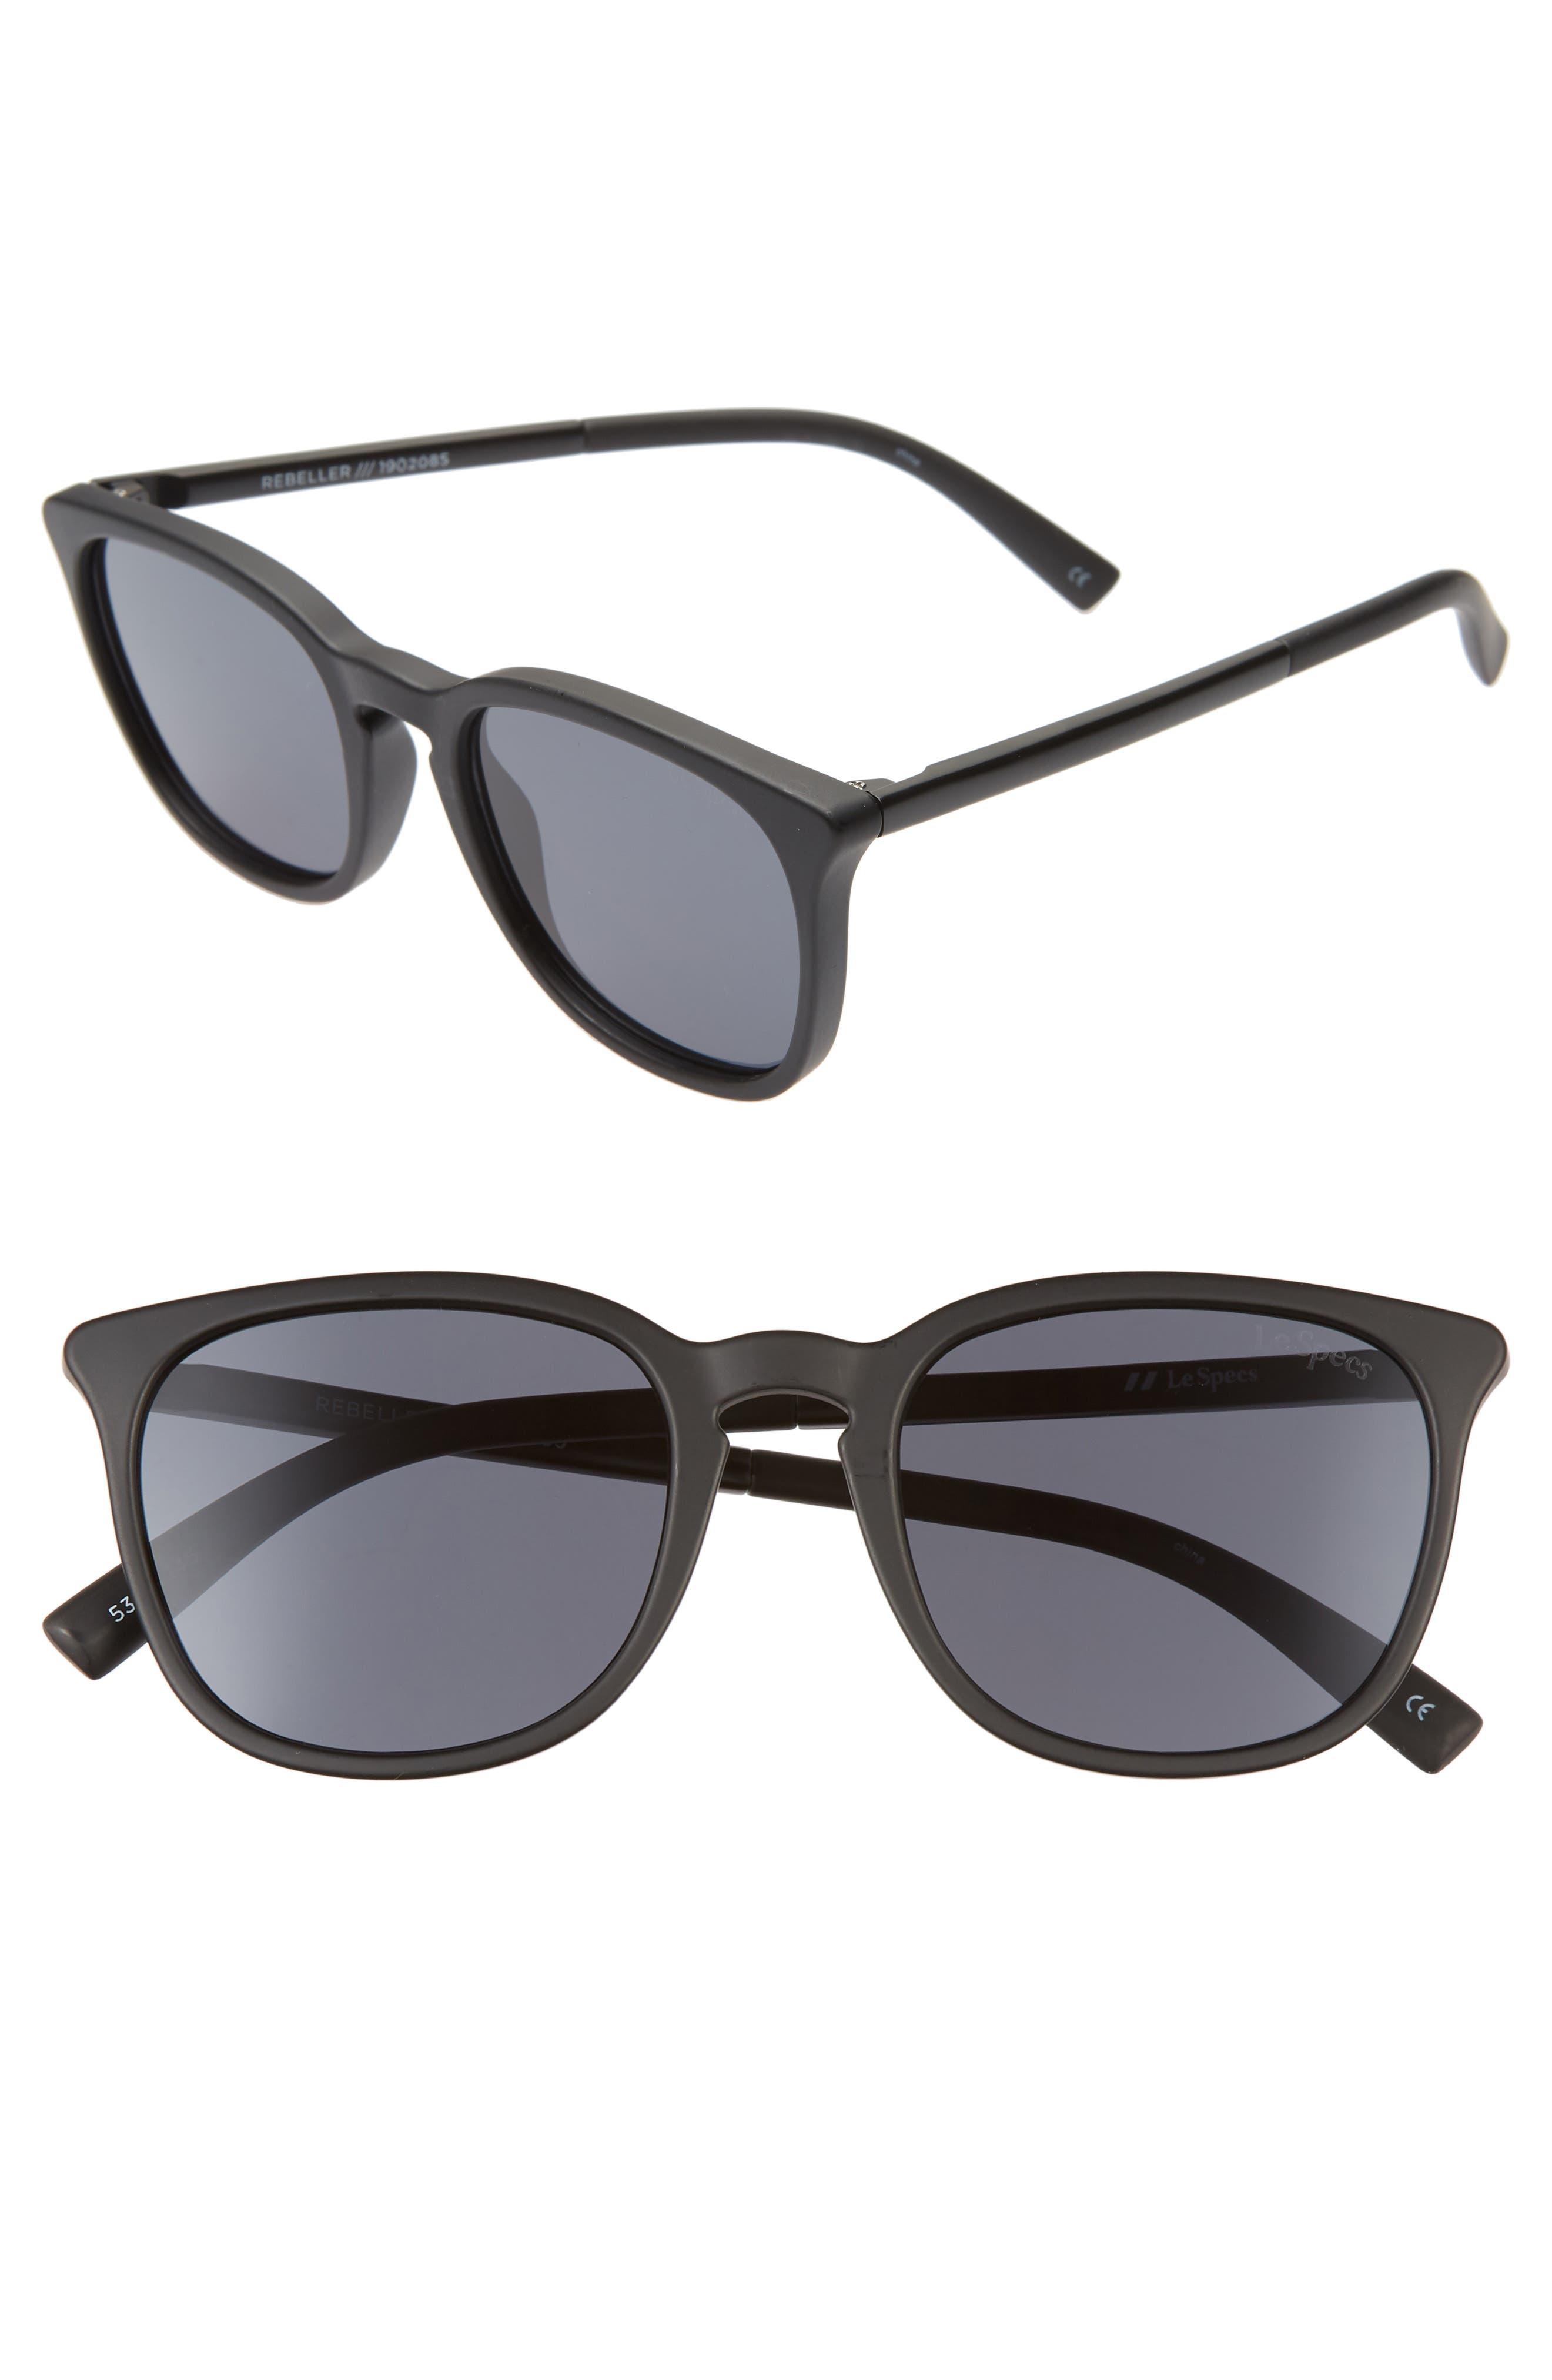 Le Specs Rebeller 5m Round Sunglasses - Matte Black/ Smoke